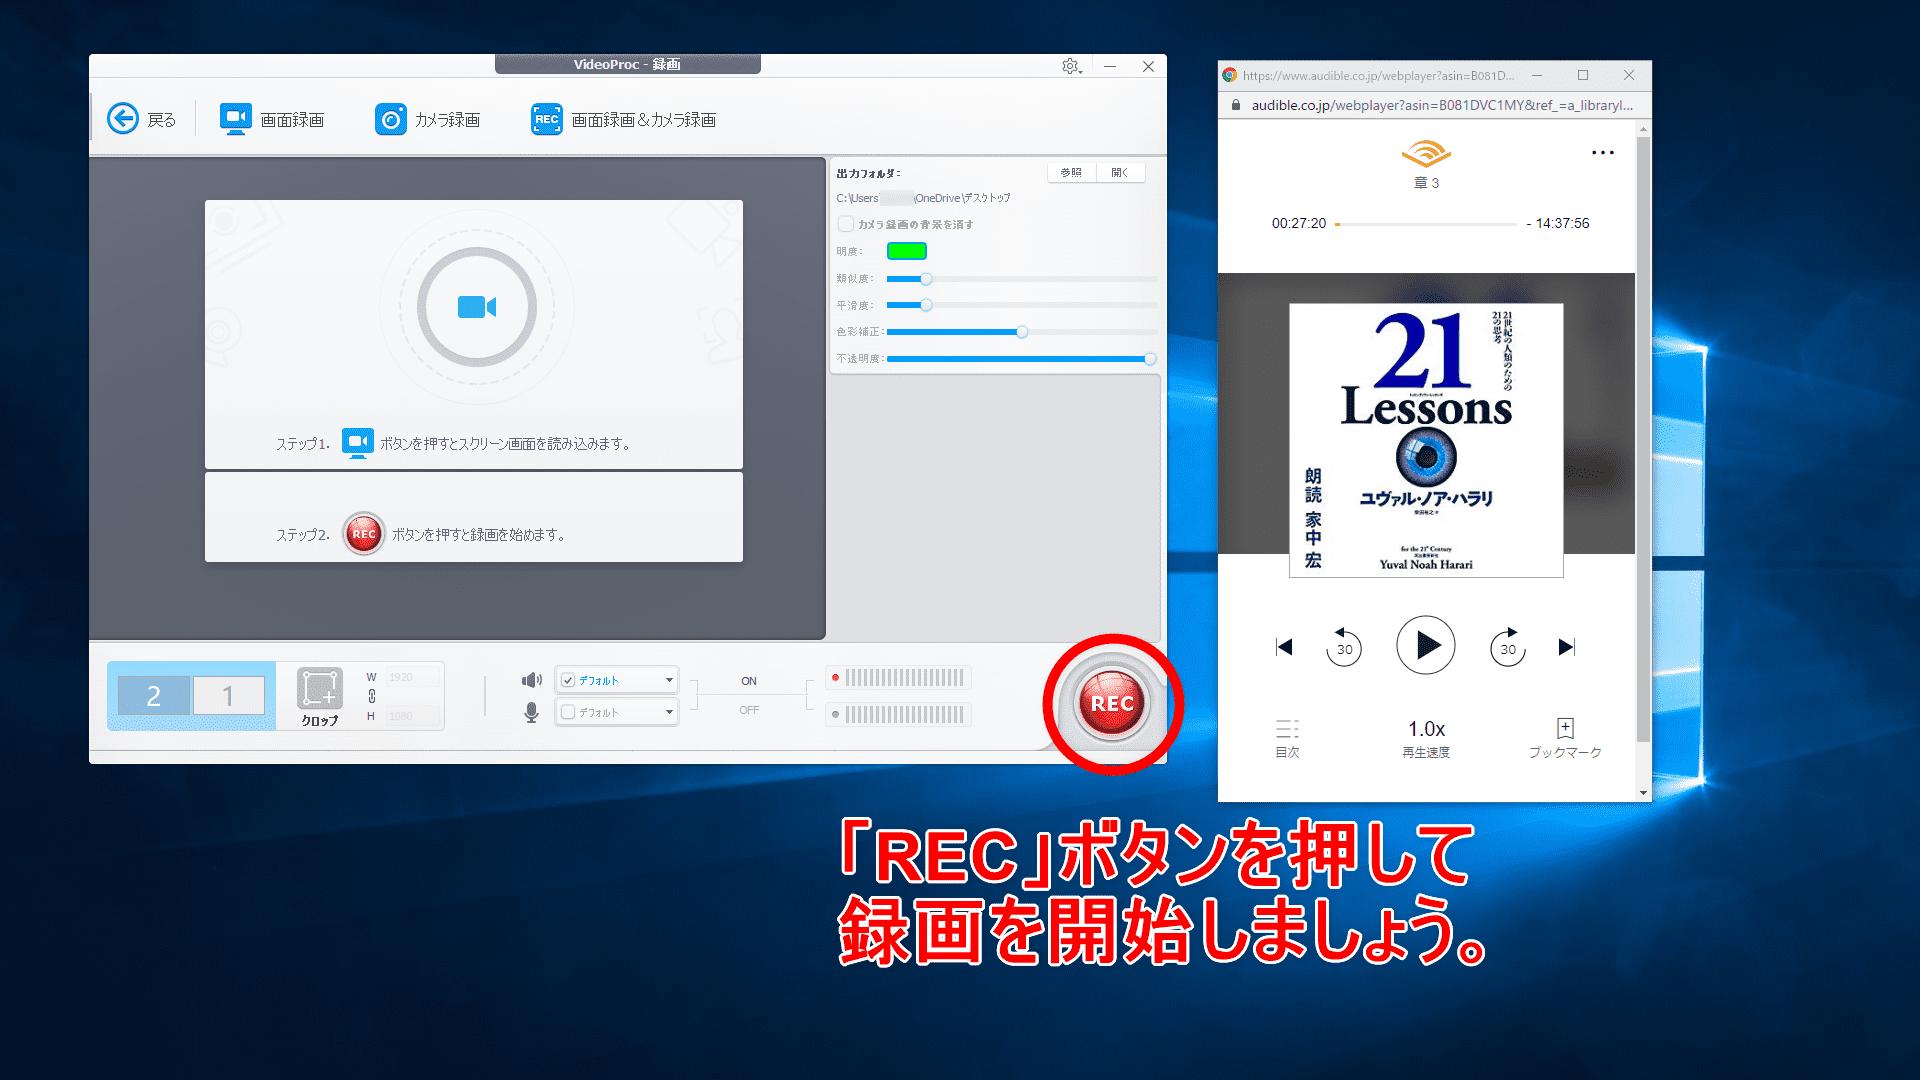 【アマゾンオーディブルおすすめ活用術】ボイスブックは外部保存してスマホで聴ける!返品・解約後もずっと聴けるアマゾンオーディブルの使い方【超保存版】|パソコンに保存する手順:ボイスブックを再生して録画を開始する:まず「VideoProc」の操作画面右下にある「REC」という赤いボタンを押して録画を開始しましょう。